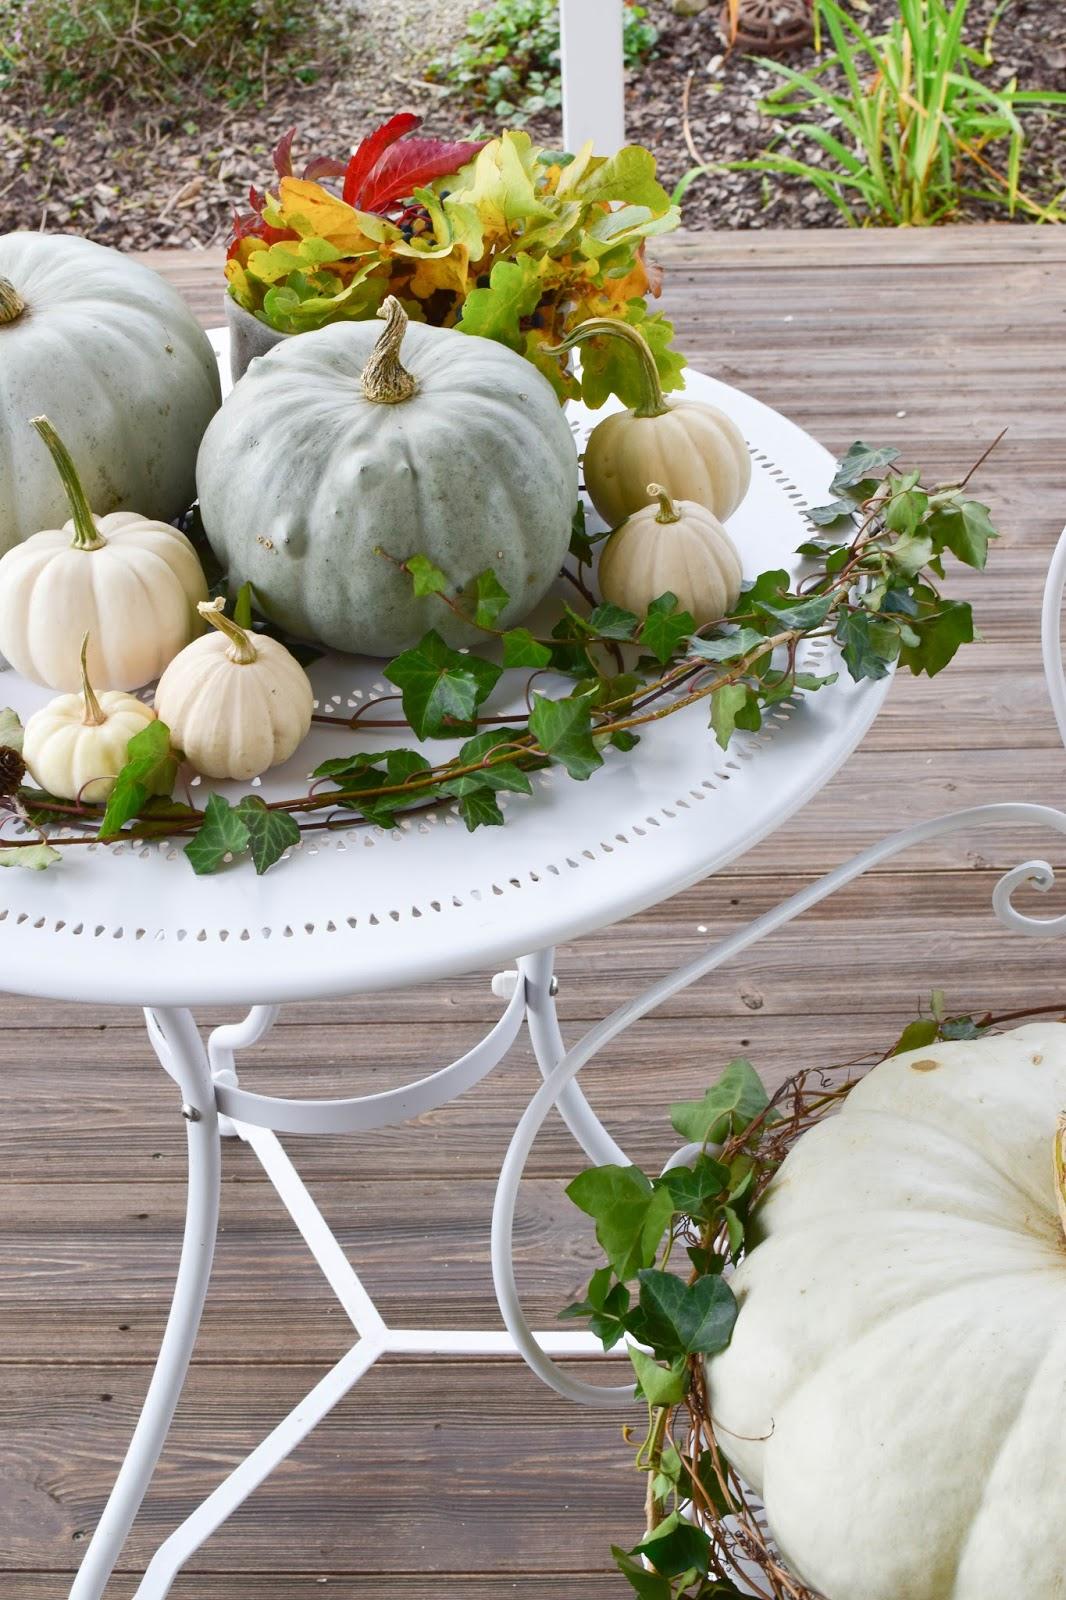 Herbstdeko mit Kürbis für den Tisch einfach selbstgemacht. Mit Efeu und Eichenlaub. DIY dekorieren herbstlich mit Kürbissen